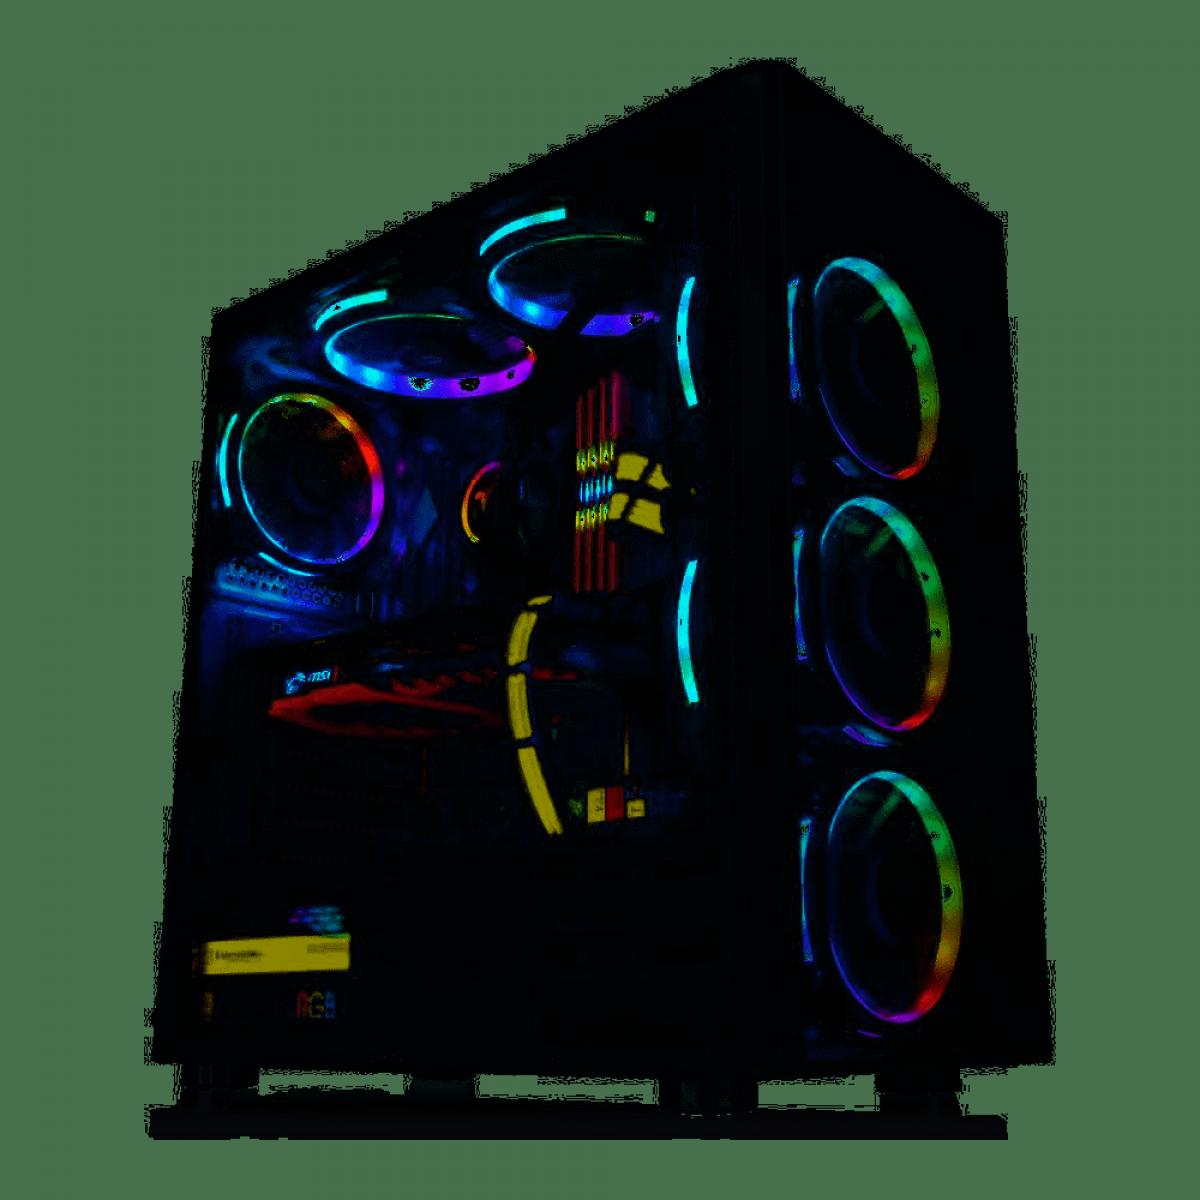 Pc Gamer T-Power Inferno LVL-1 Intel I9 9900K 3.60GHz / Radeon RX 5700 8GB / DDR4 16GB / HD 1TB / 750W